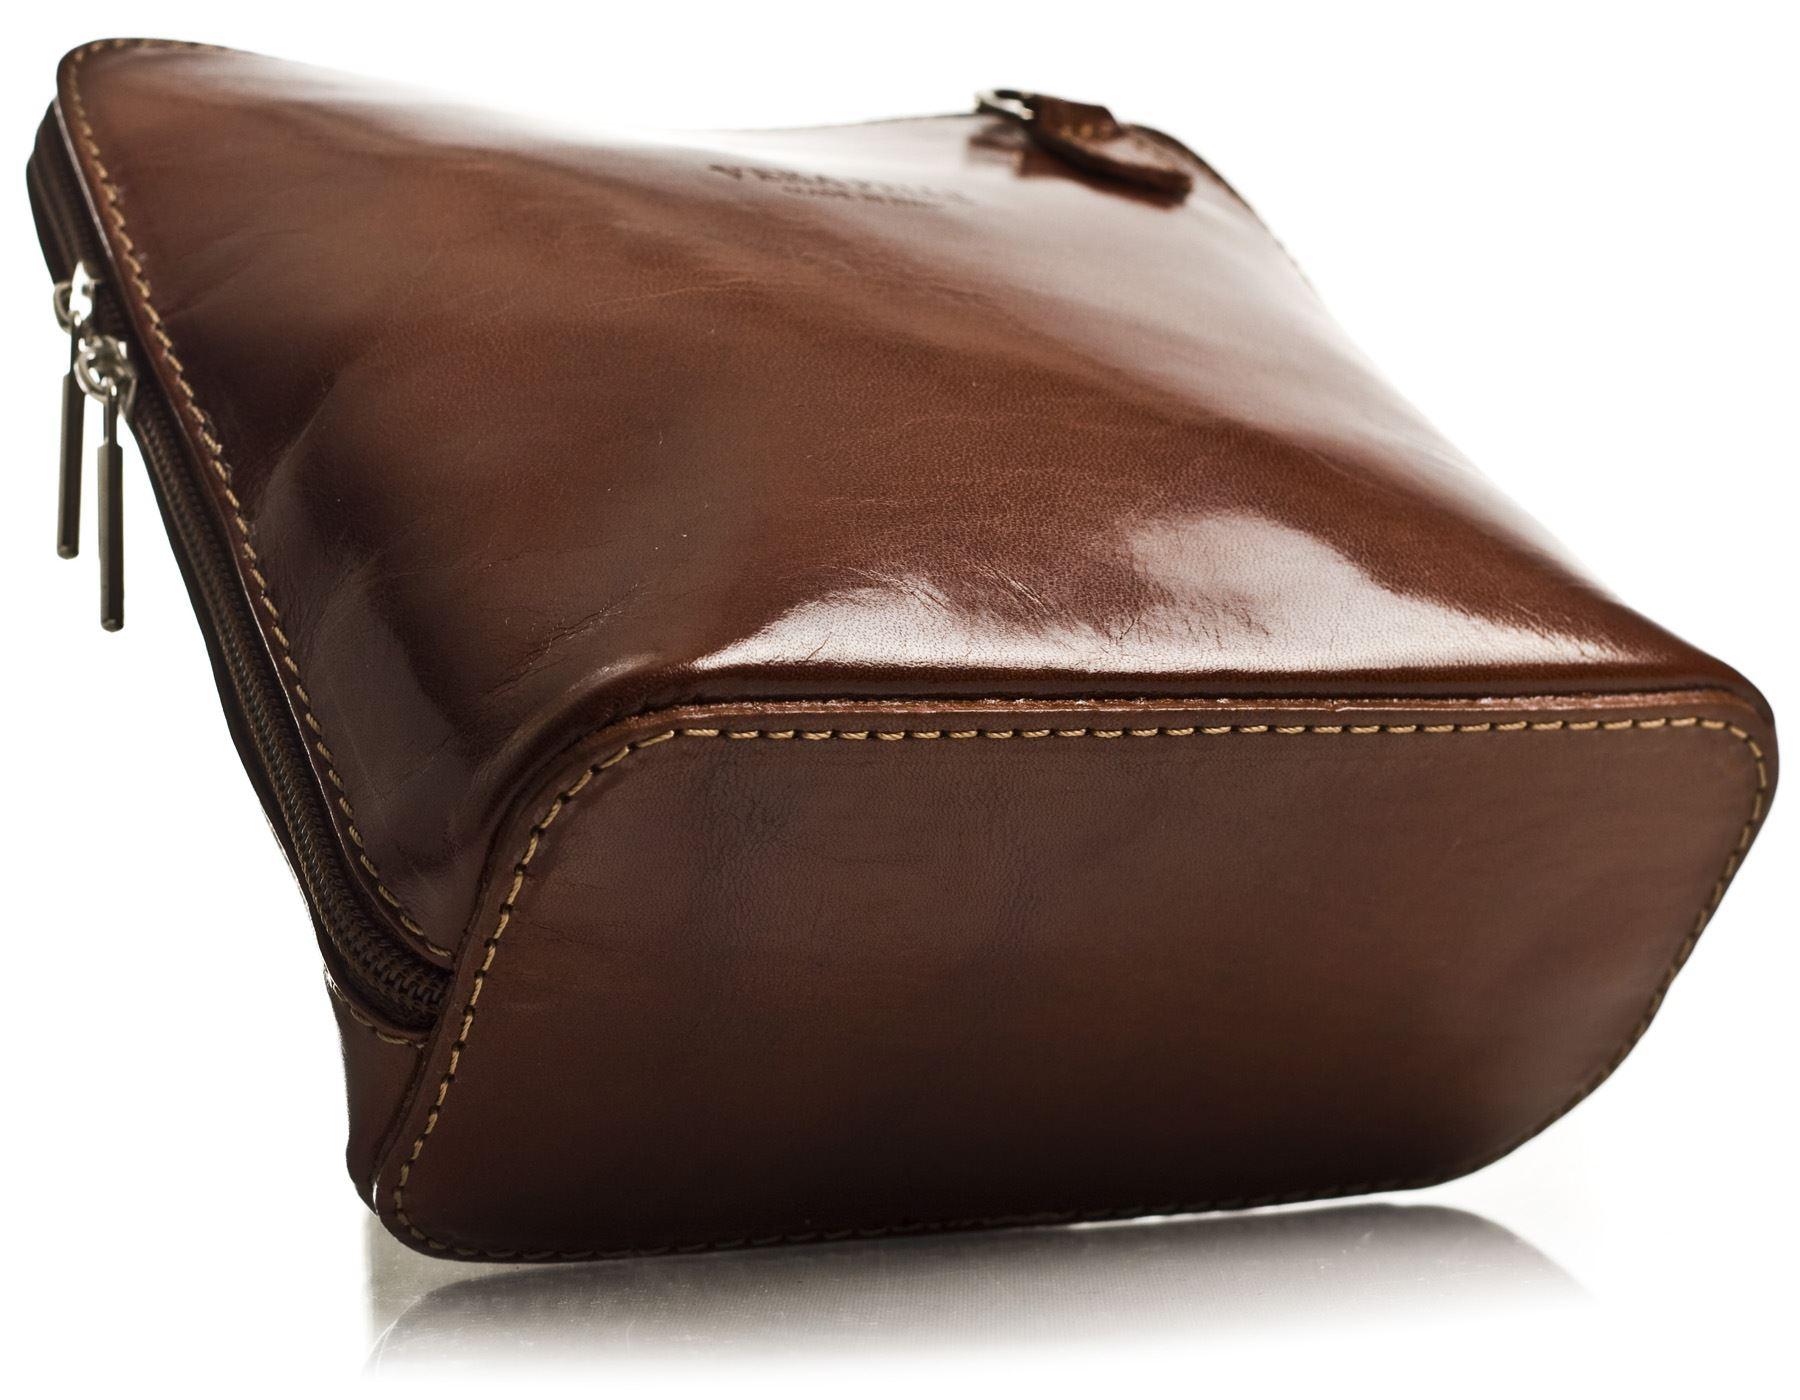 big handbag shop damen mini echtleder umh nge. Black Bedroom Furniture Sets. Home Design Ideas